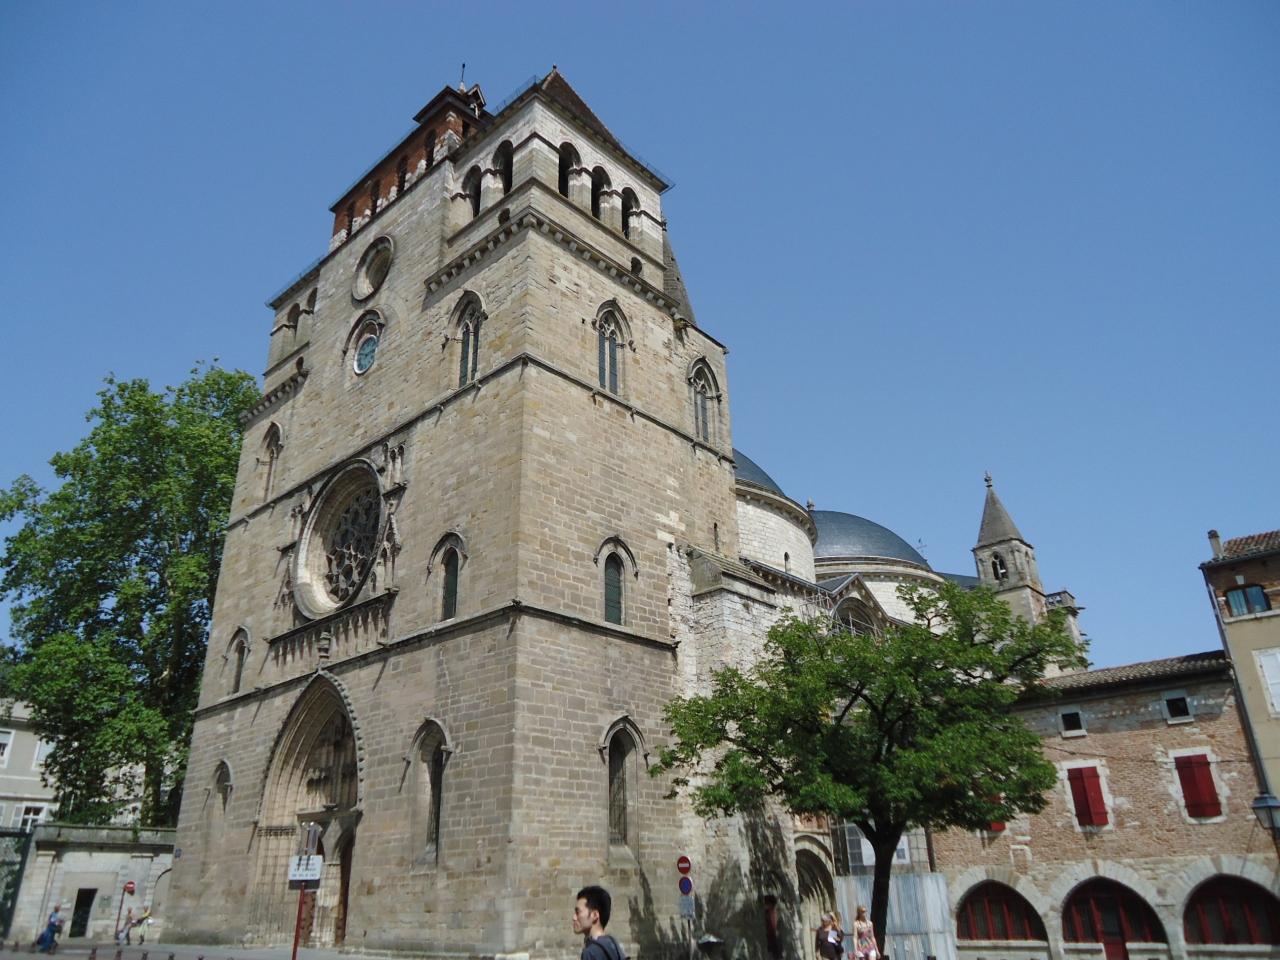 Cathedrale st etienne de cahors - Cathedrale saint etienne de cahors ...